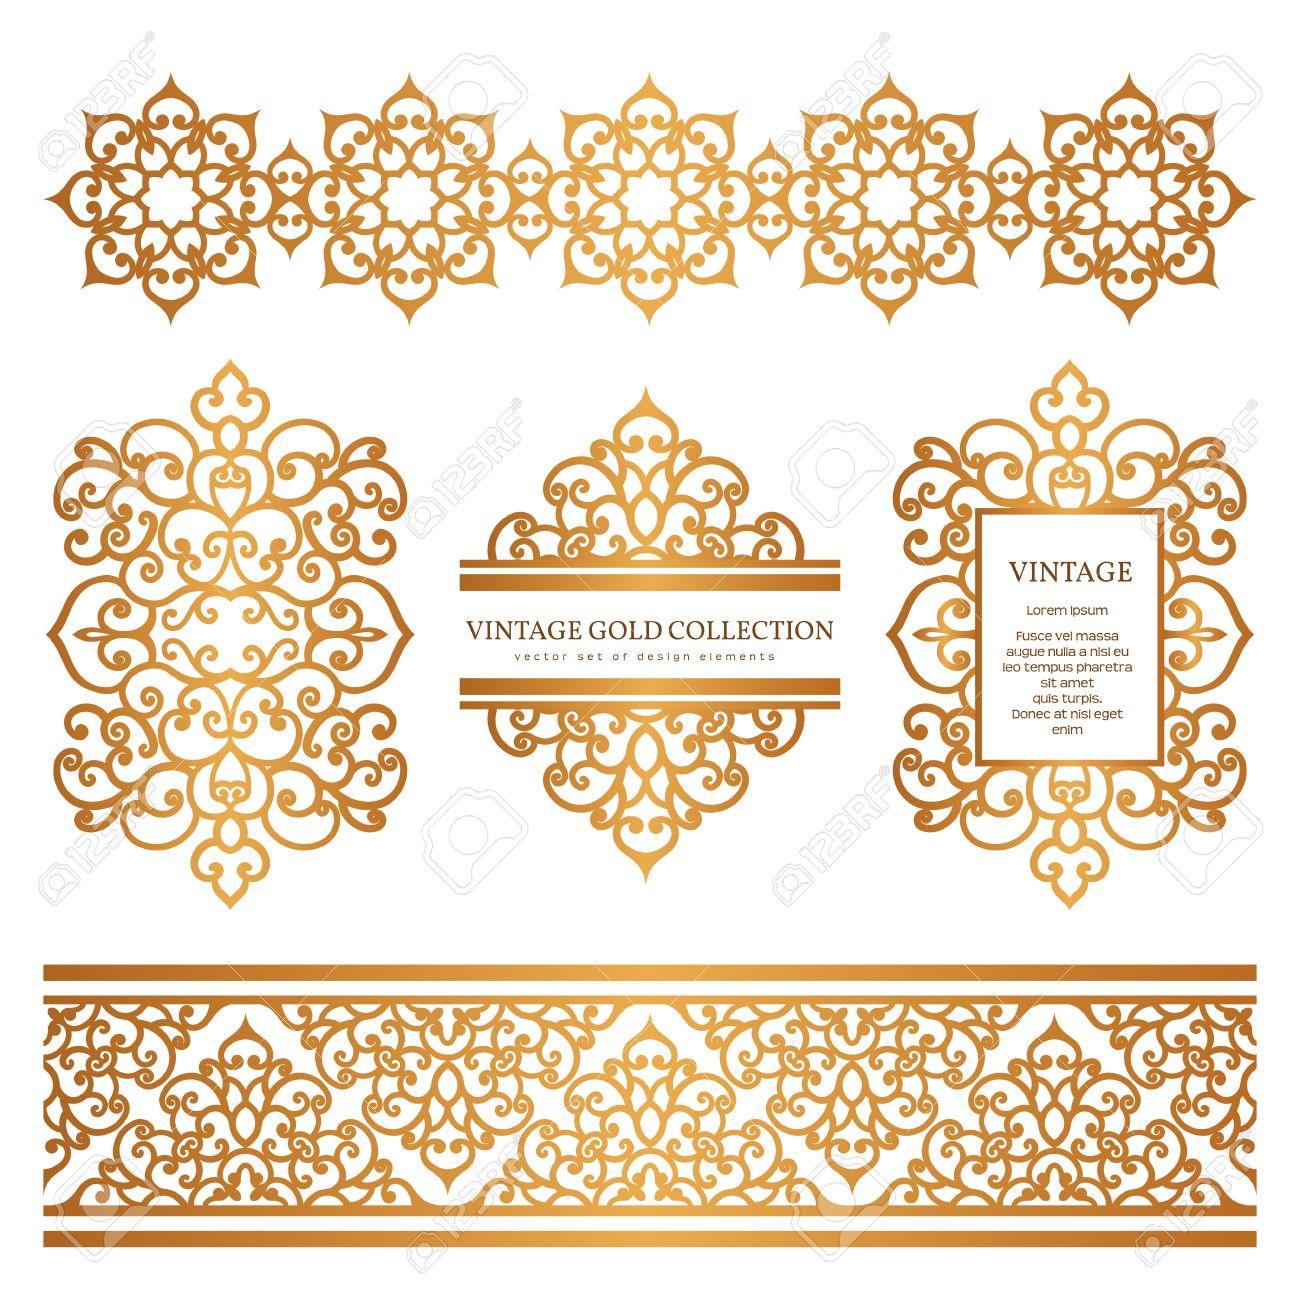 Vintage Gold Ränder Und Rahmen, Reihe Von Dekorativen Design ...